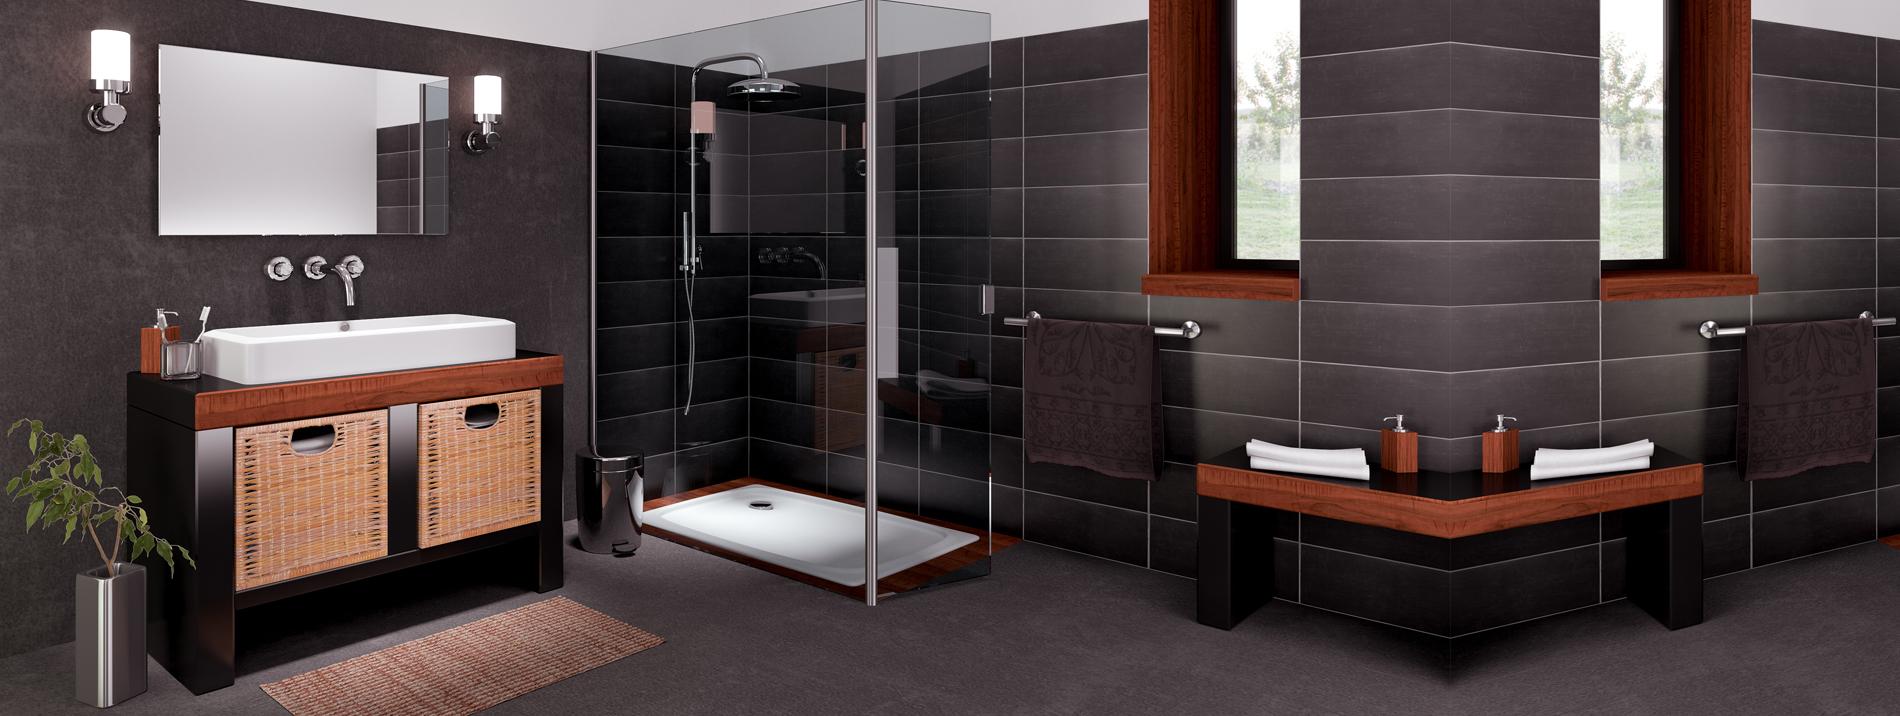 Radiateur Salle De Bain Mixte ~ r novation de salle de bain pose de carrelage rev tement b ton